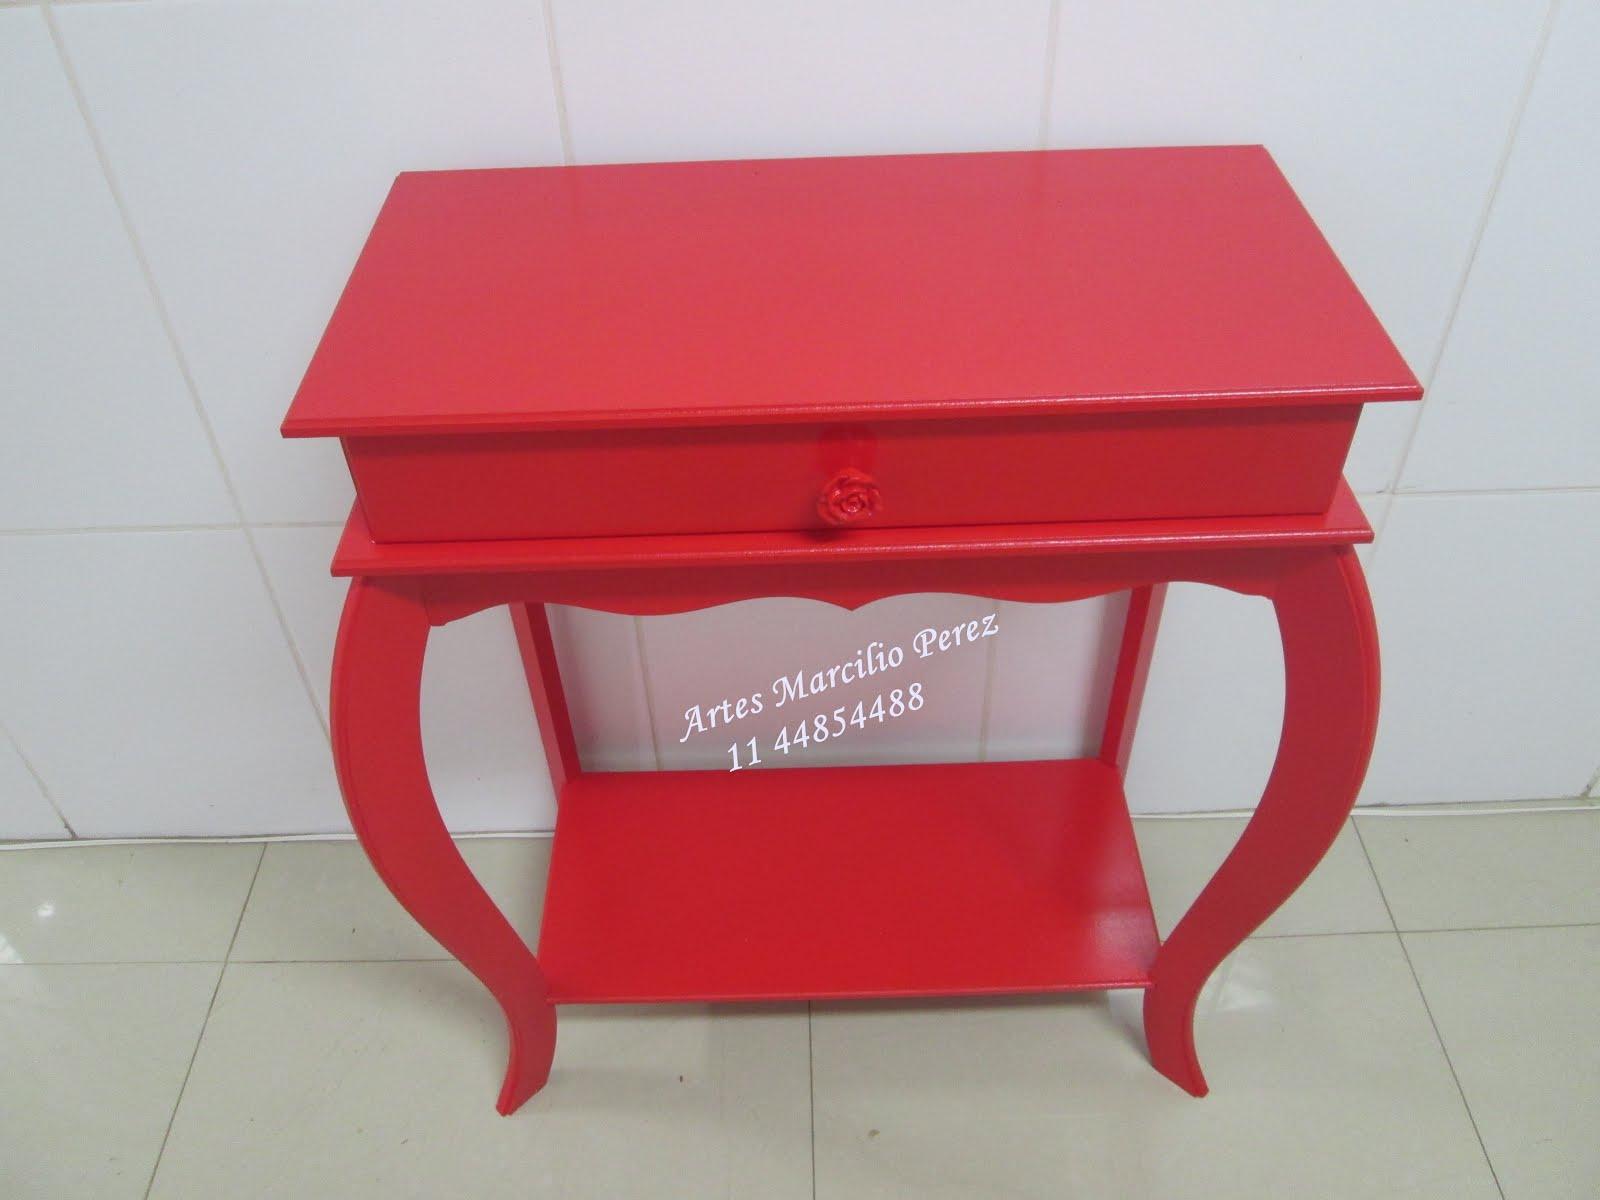 Aparador  vermelho R$ 160,00 medidas